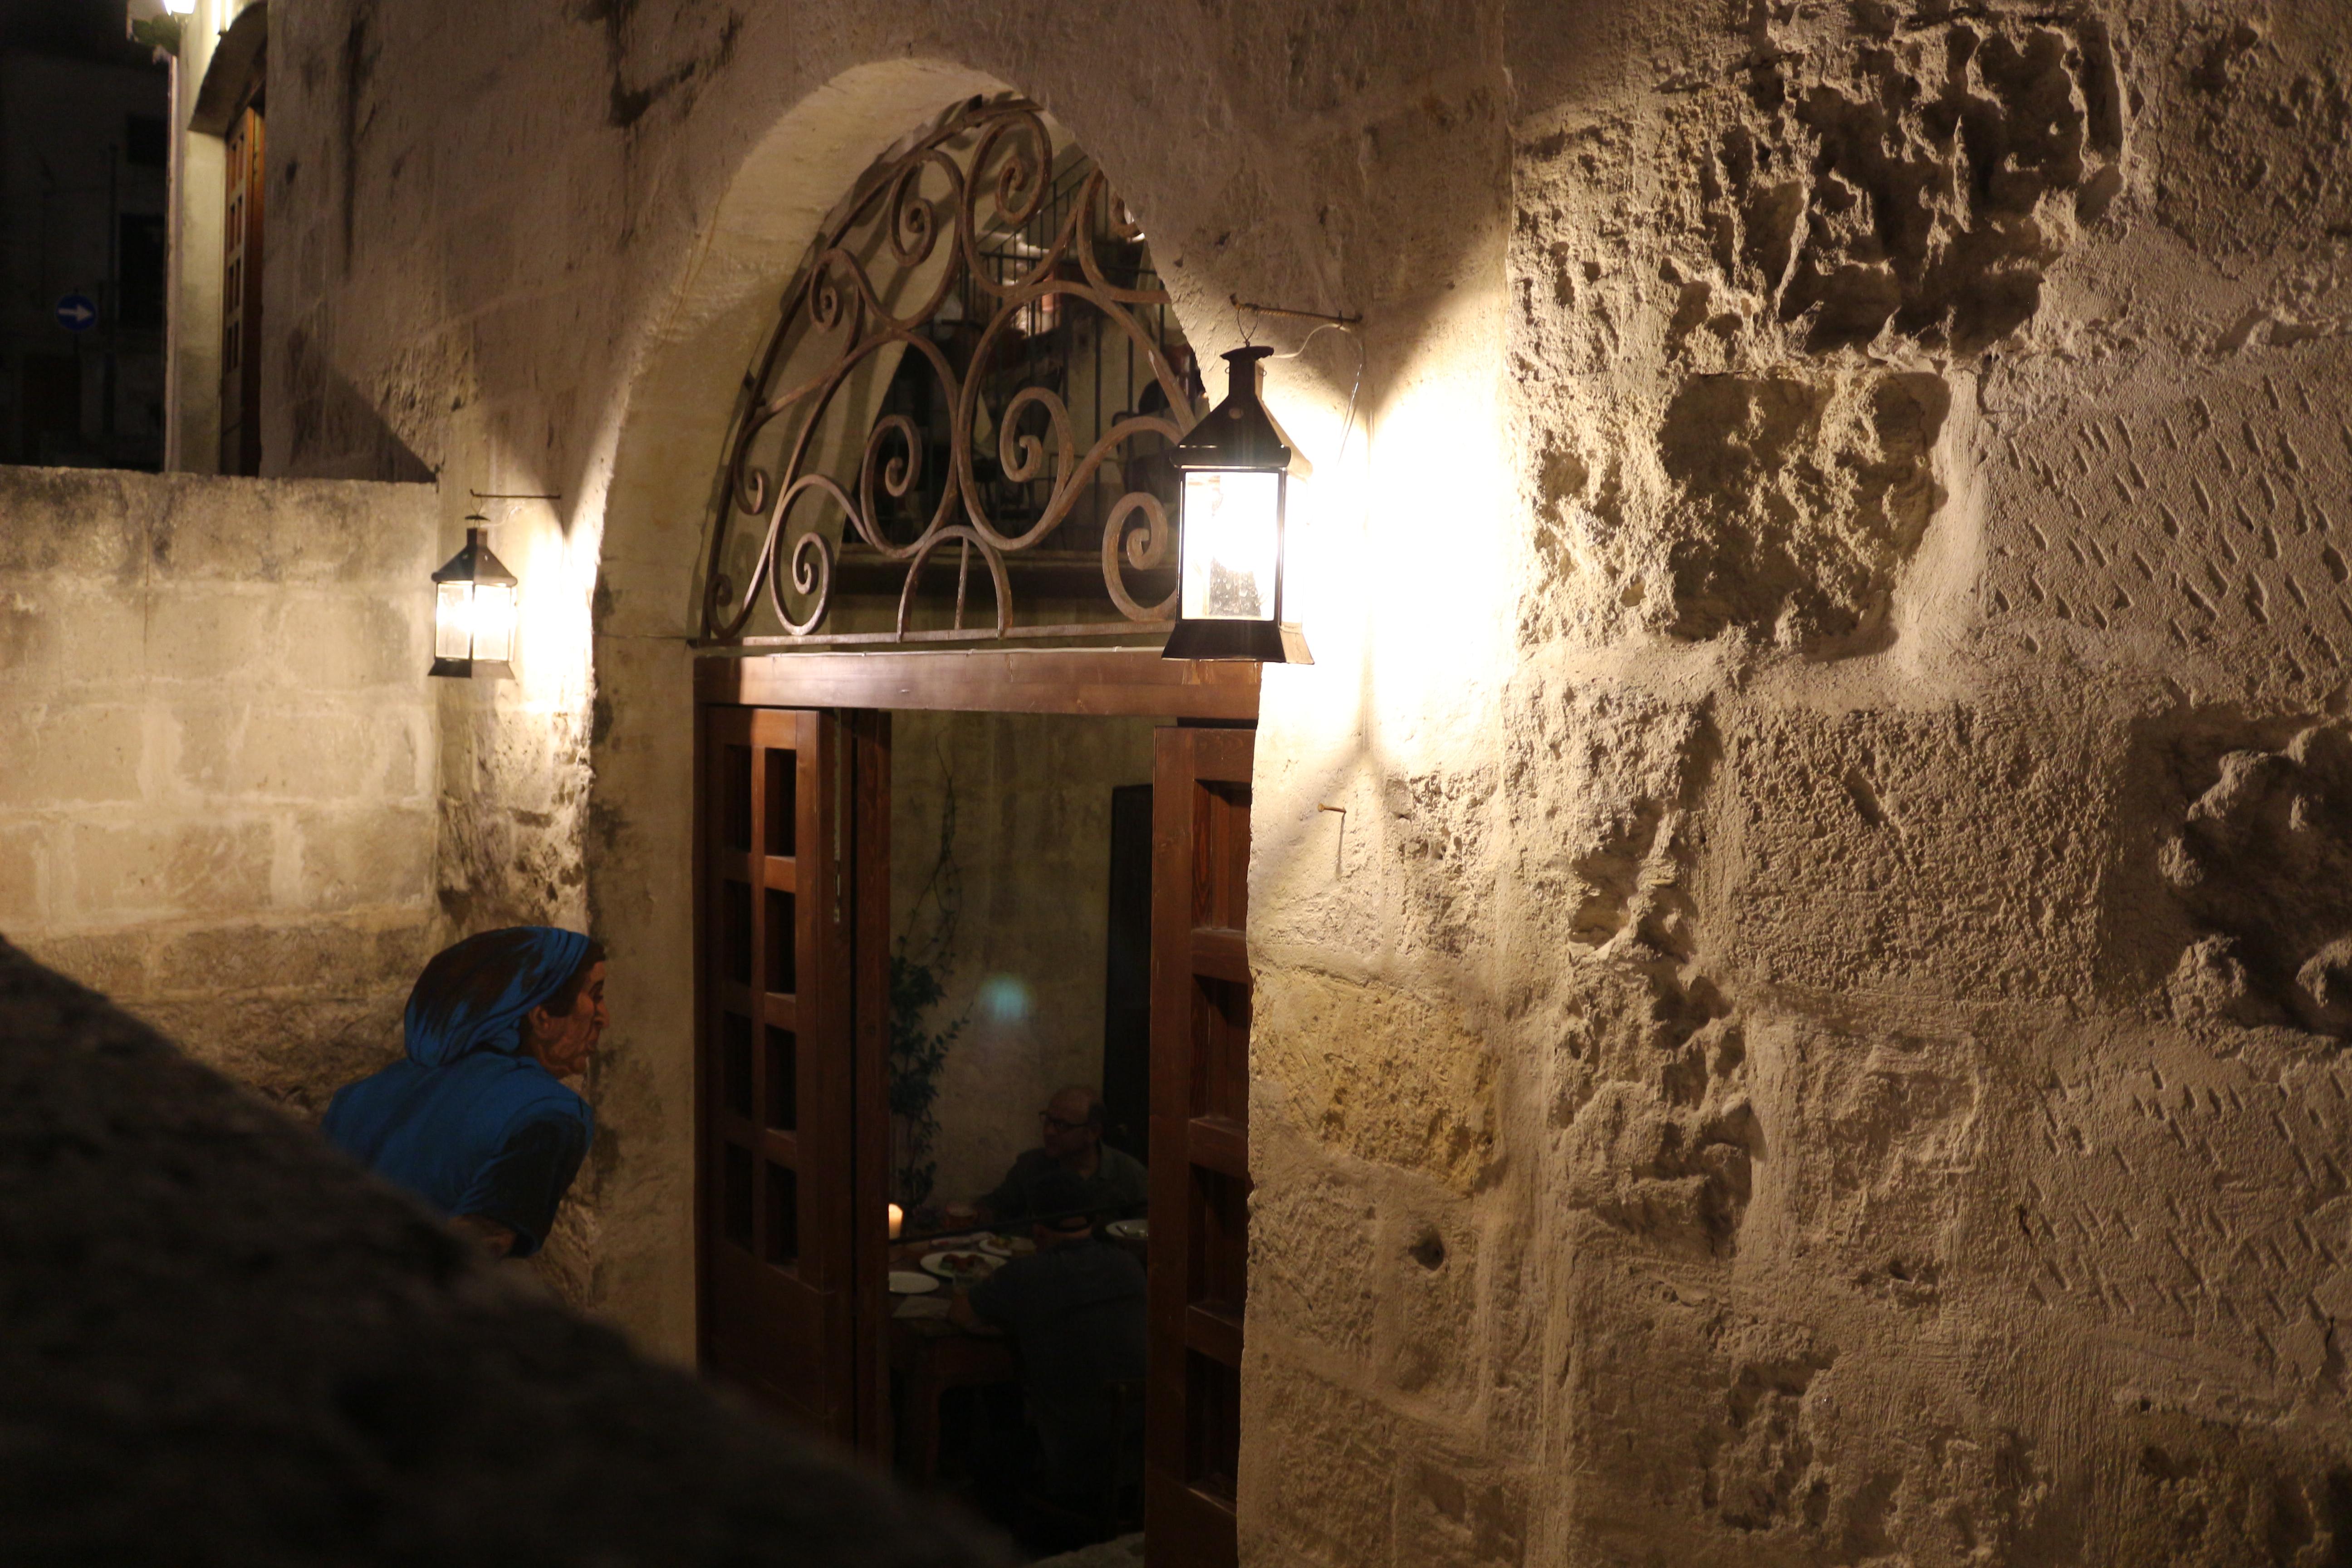 la-lopa-ristorante-pub-aperitivi-stuzzicheria-wine-bar-happy-hour-sassi-di-matera-basilicata432